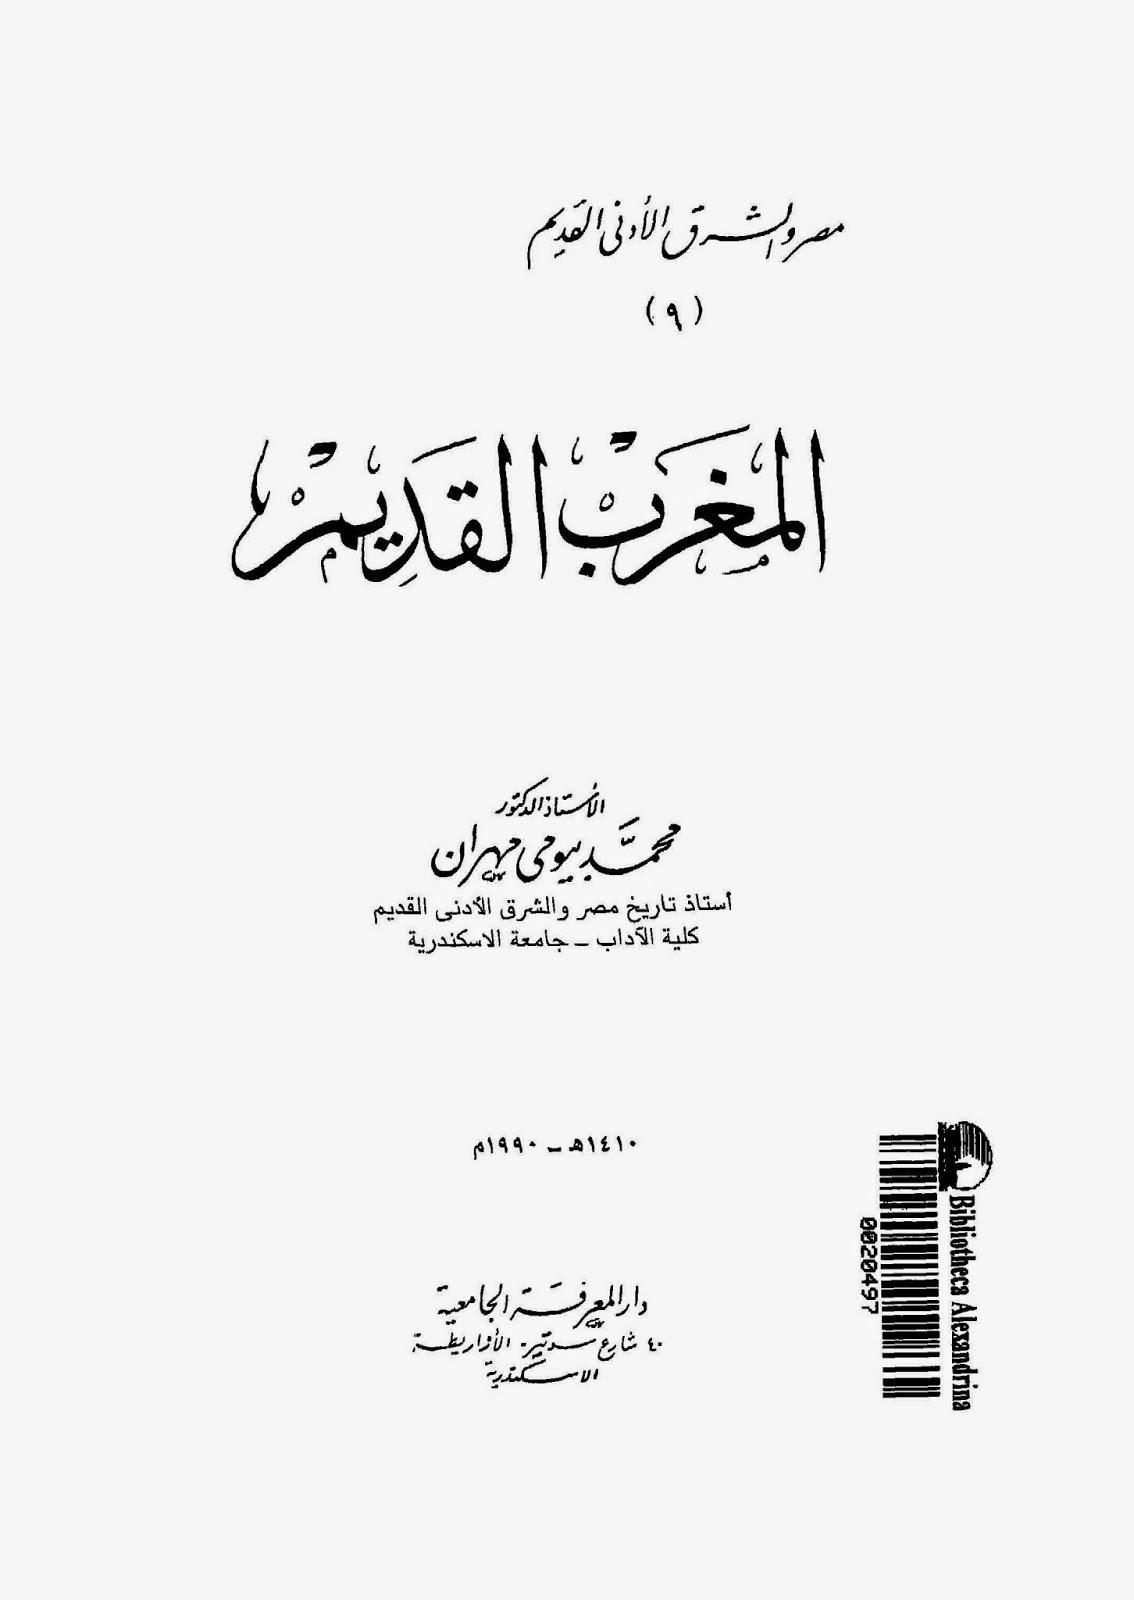 كتاب المغرب القديم لـ محمد بيومى مهران